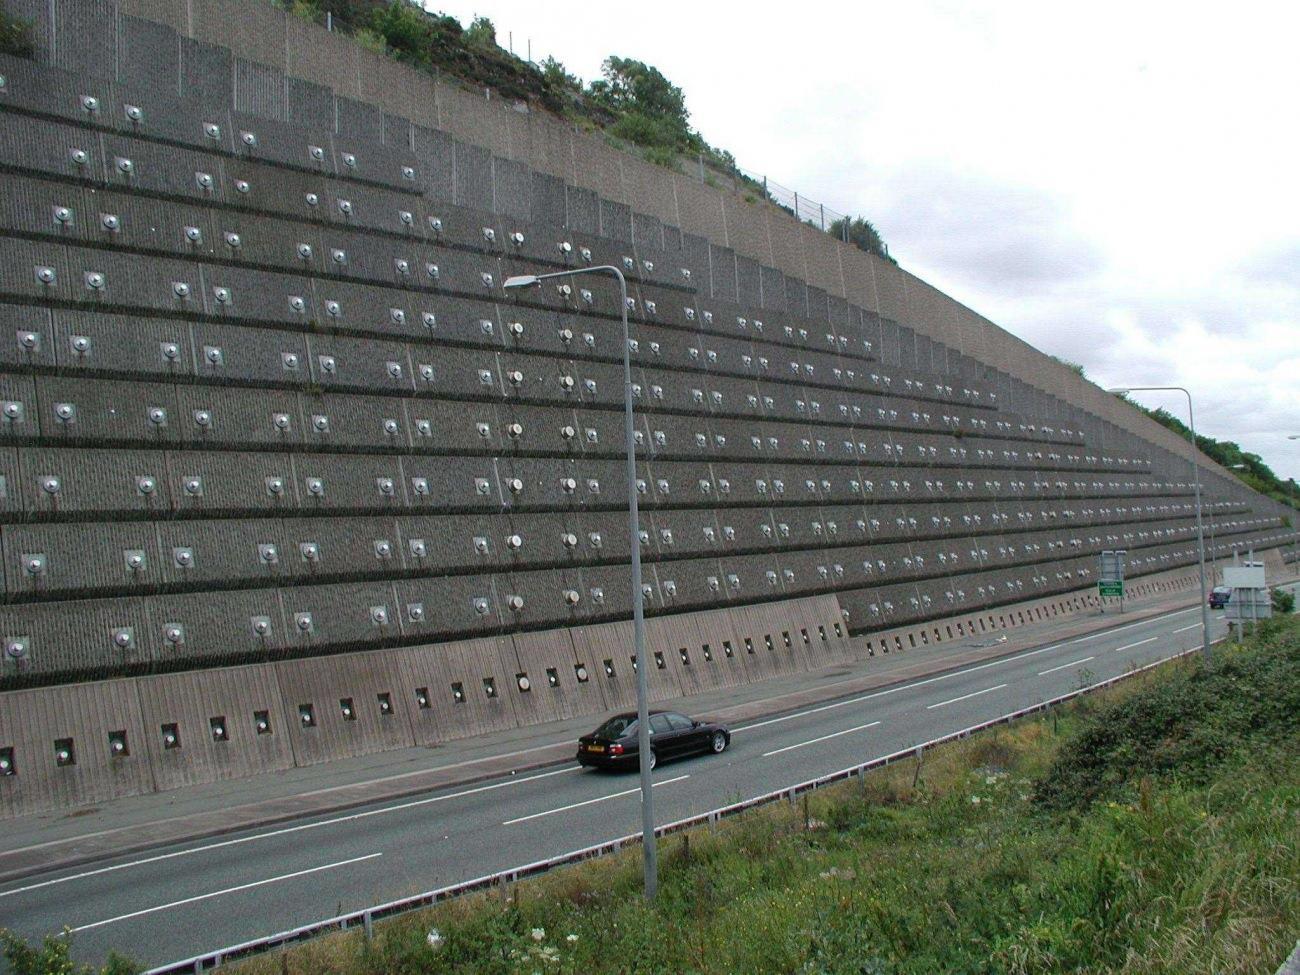 i̇stinat duvarı nedir? istinat duvarı neden çöker? i̇stinat duvarının yıkılması nasıl engellenir? 9